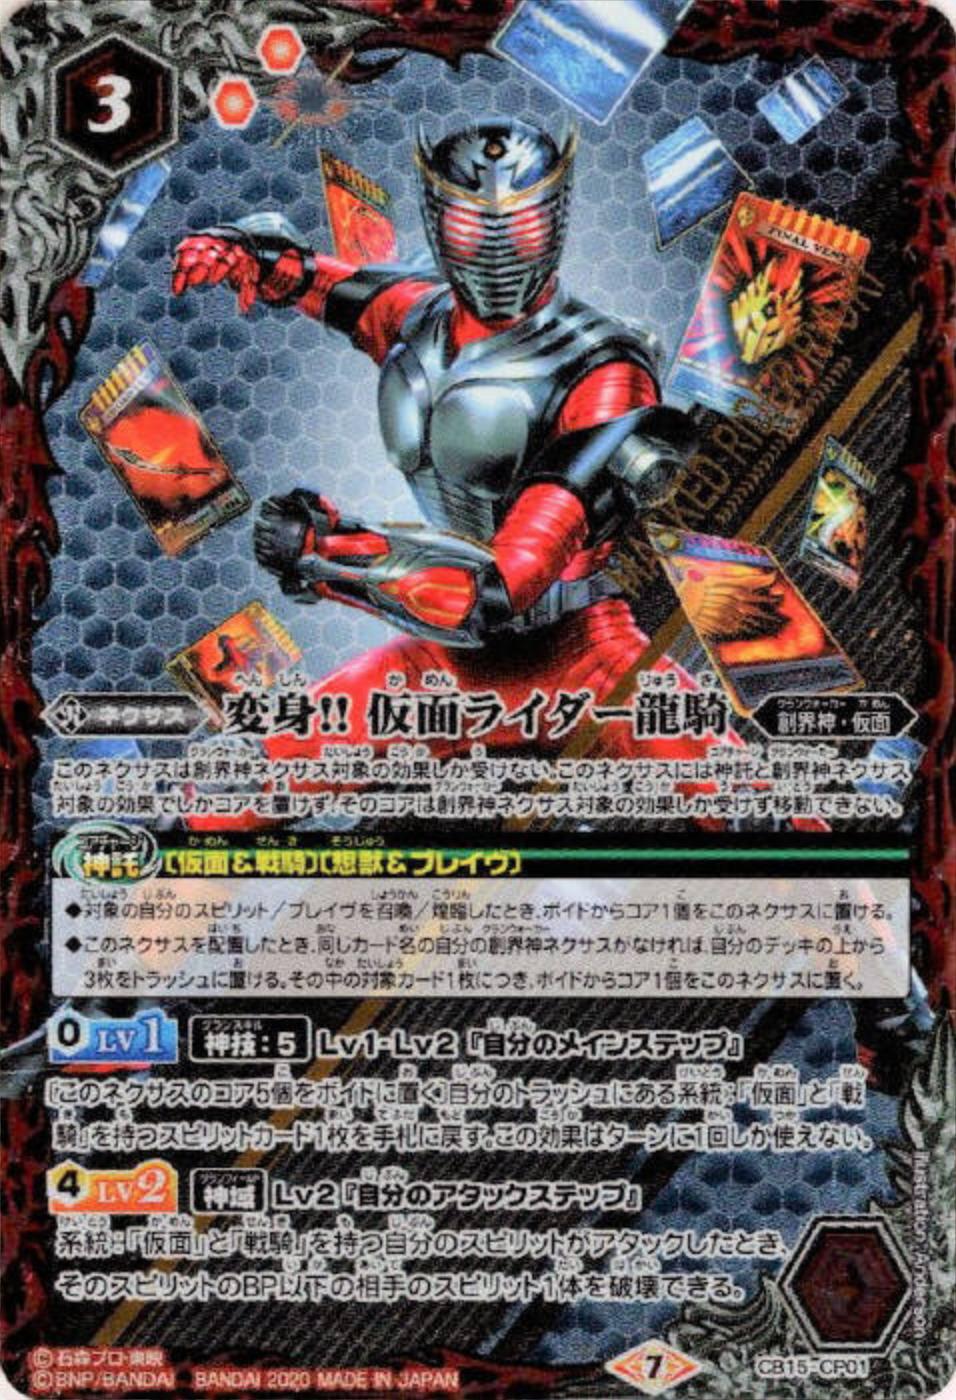 Henshin!! Kamen Rider Ryuki